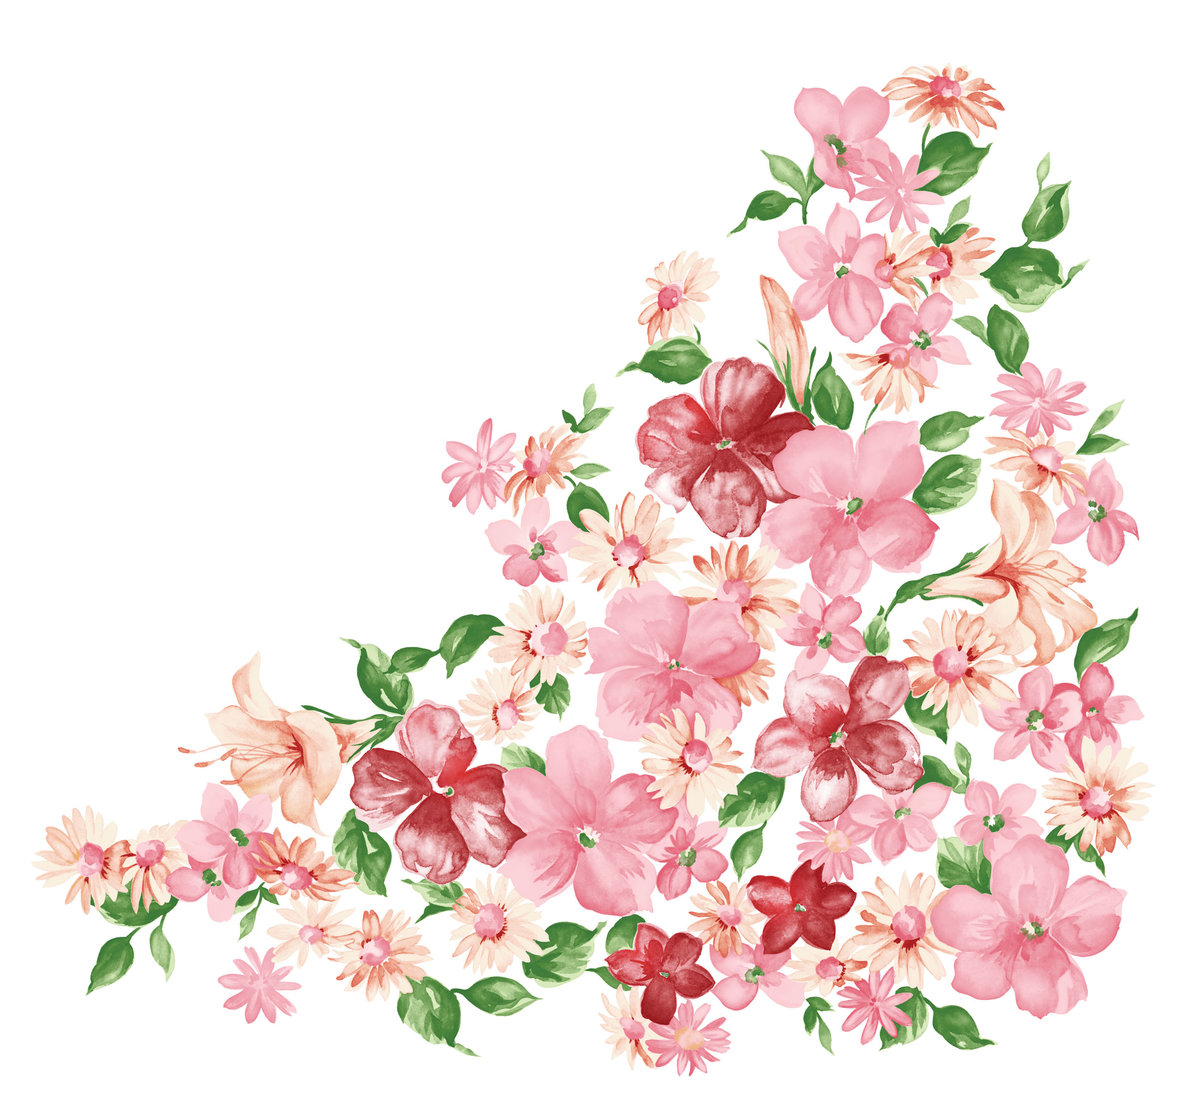 Картинки цветы для оформления, надписью красавцы открытка